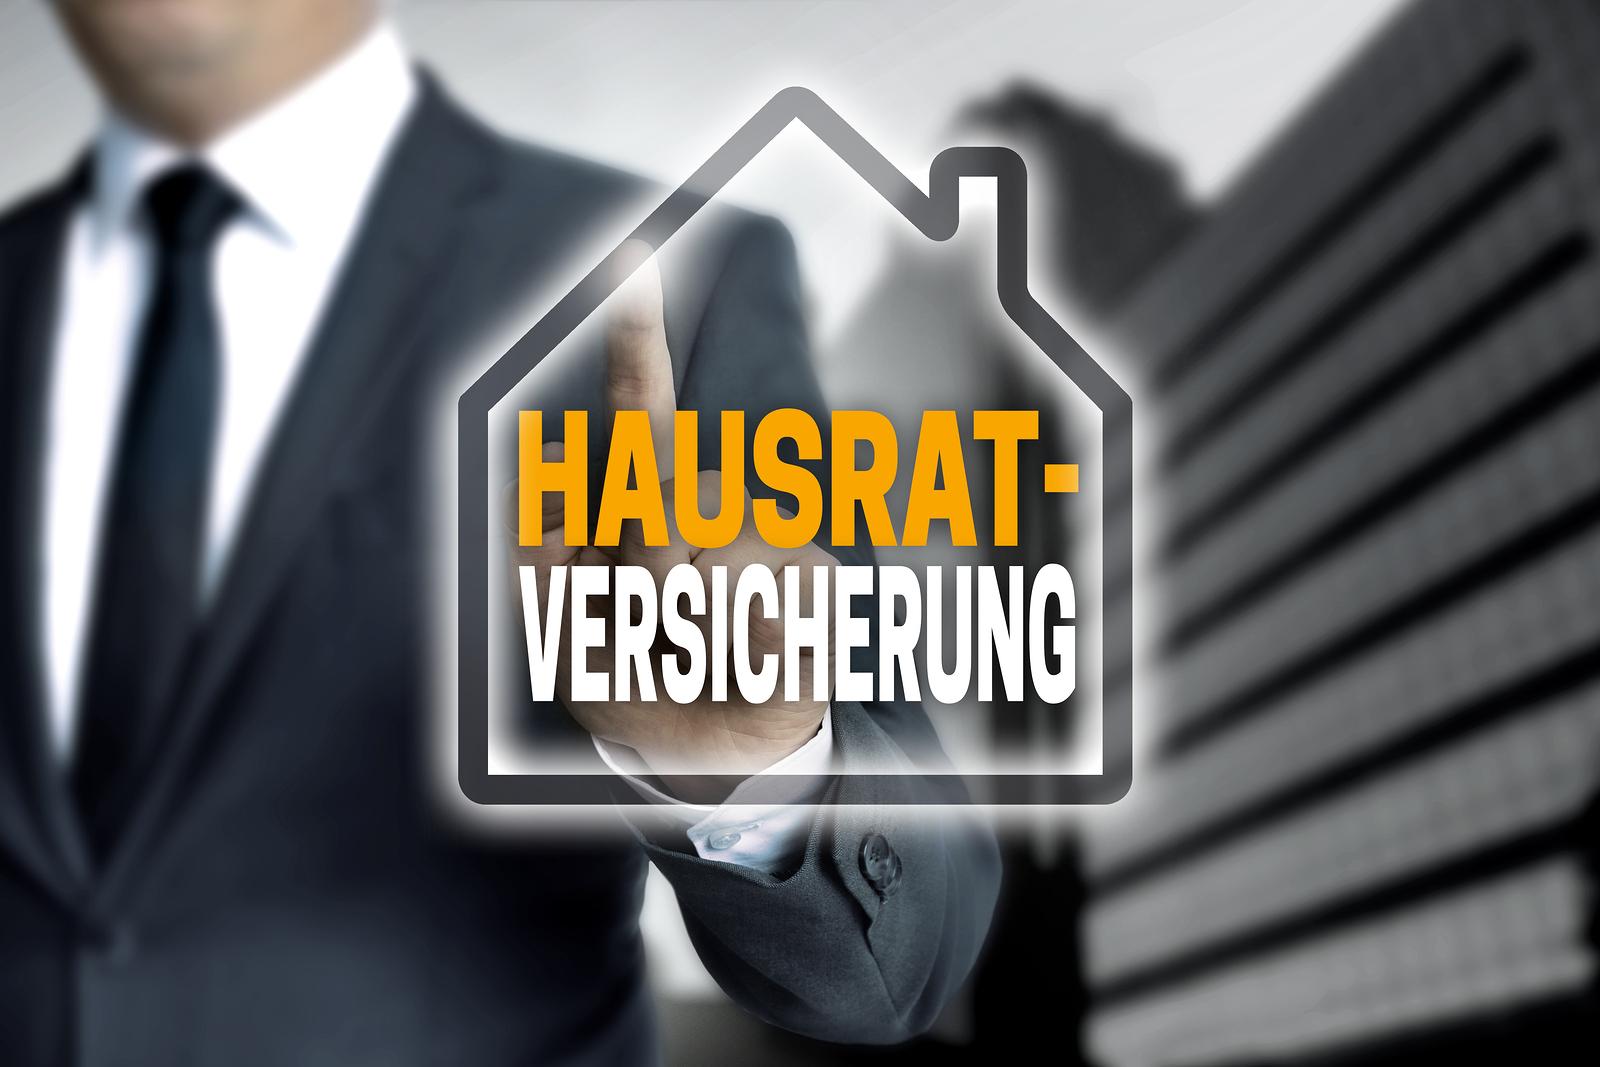 Hausratversicherung: Hotelkostenersatz bei Unbewohnbarkeit der versicherten Wohnung